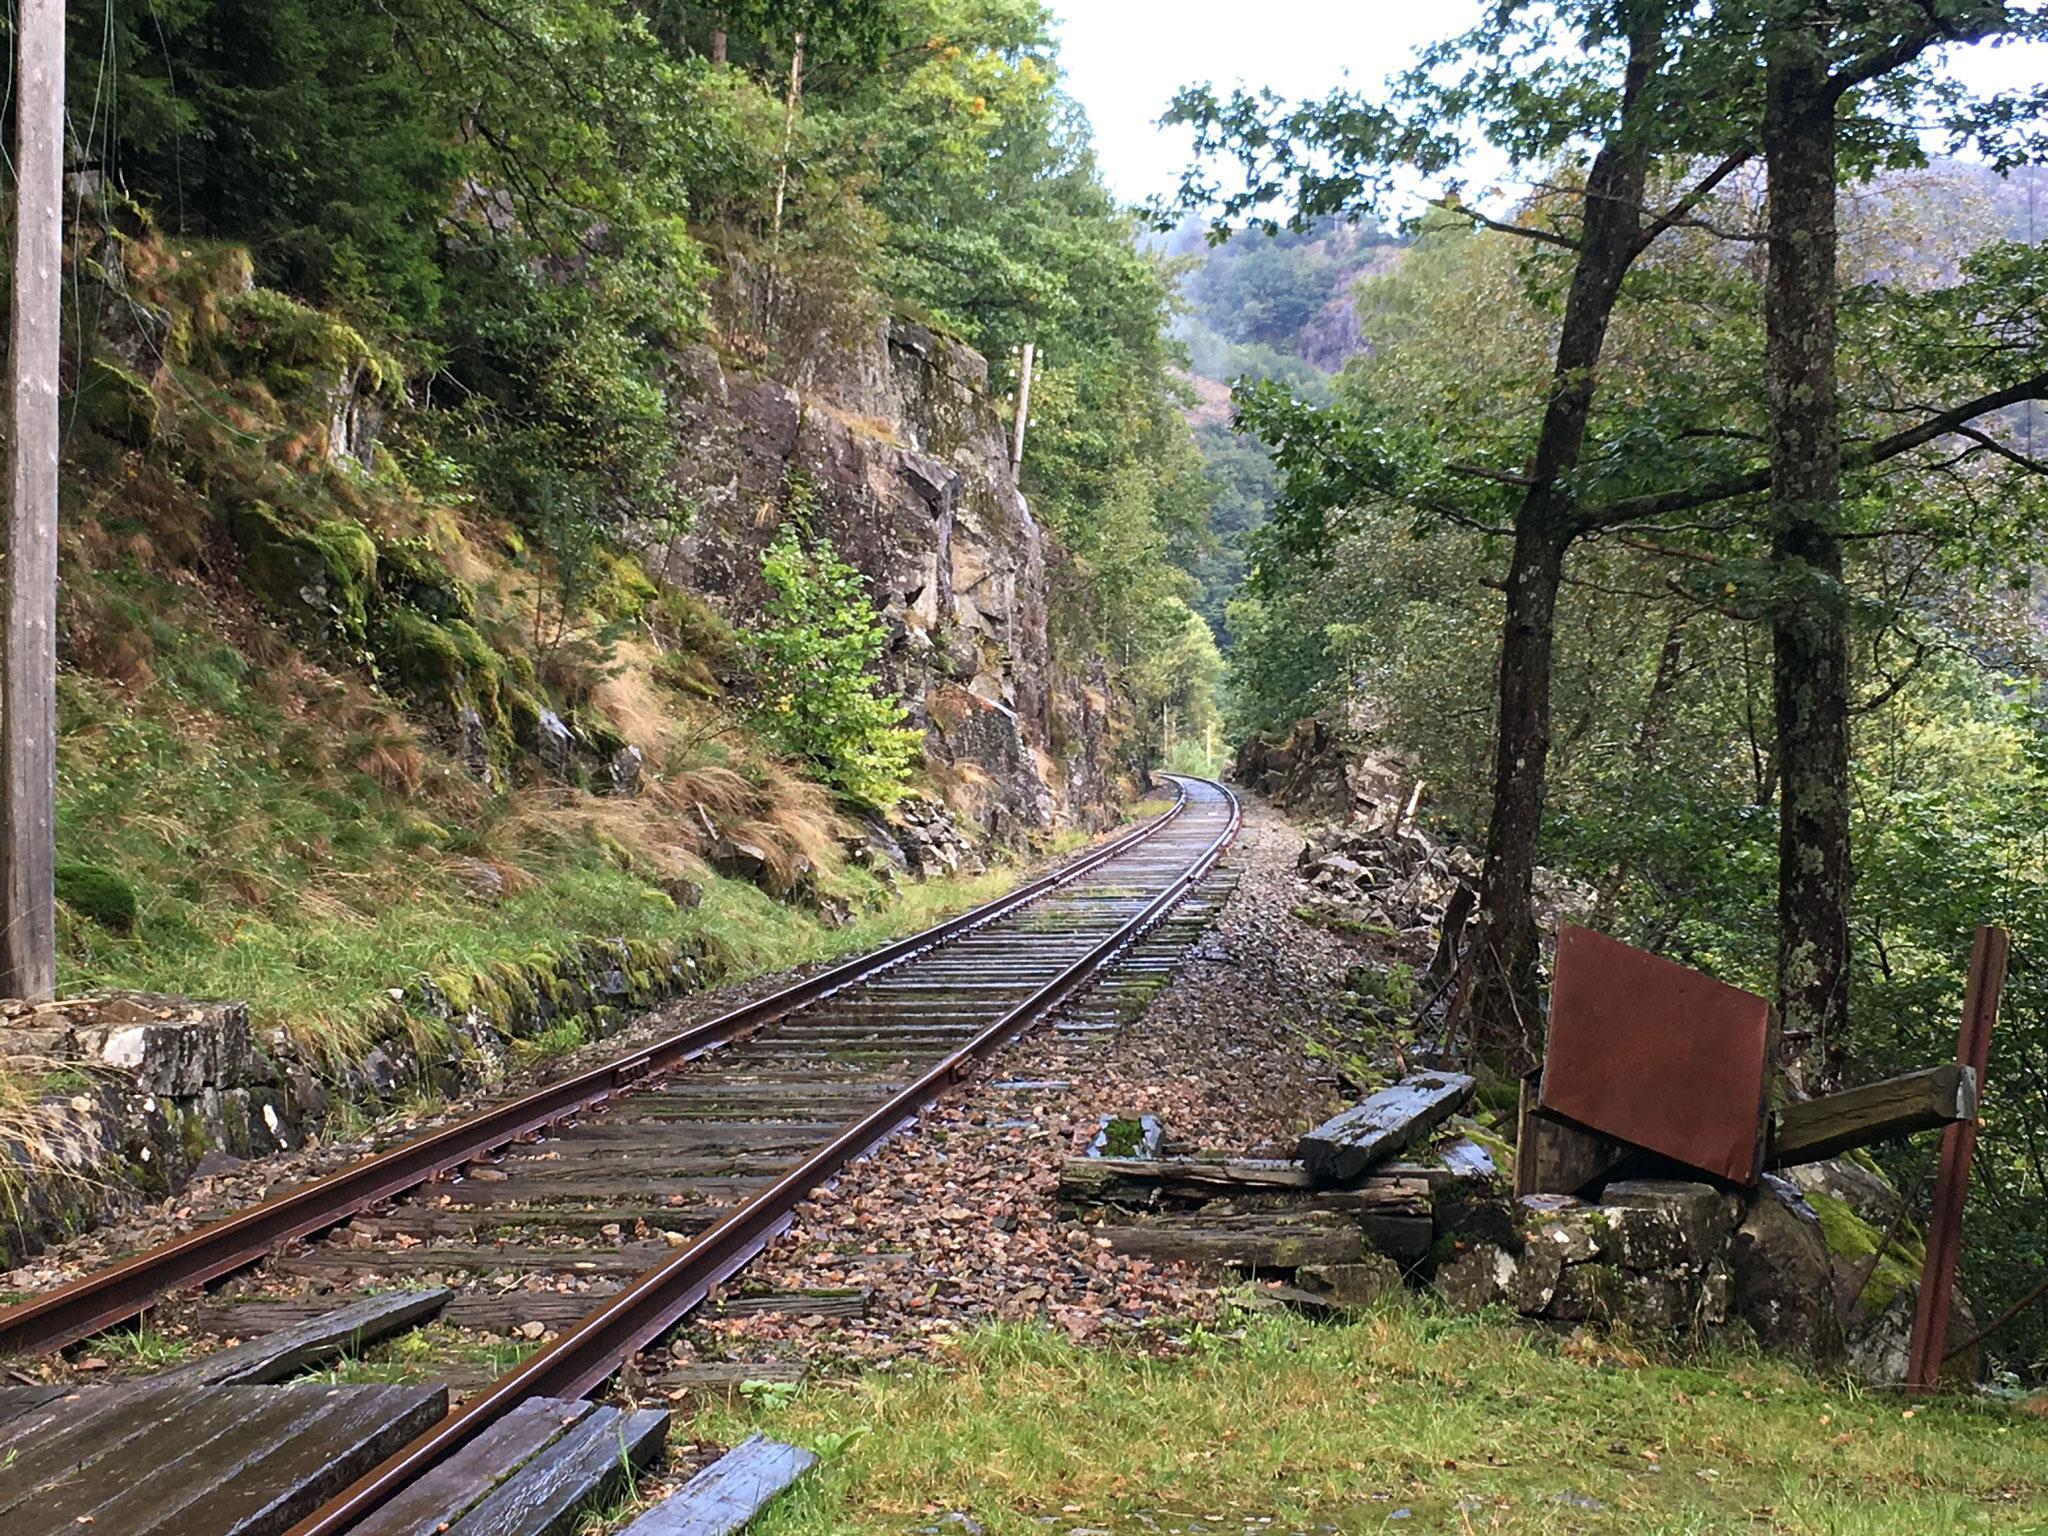 Jernbaneoverskæring ved trinbræt